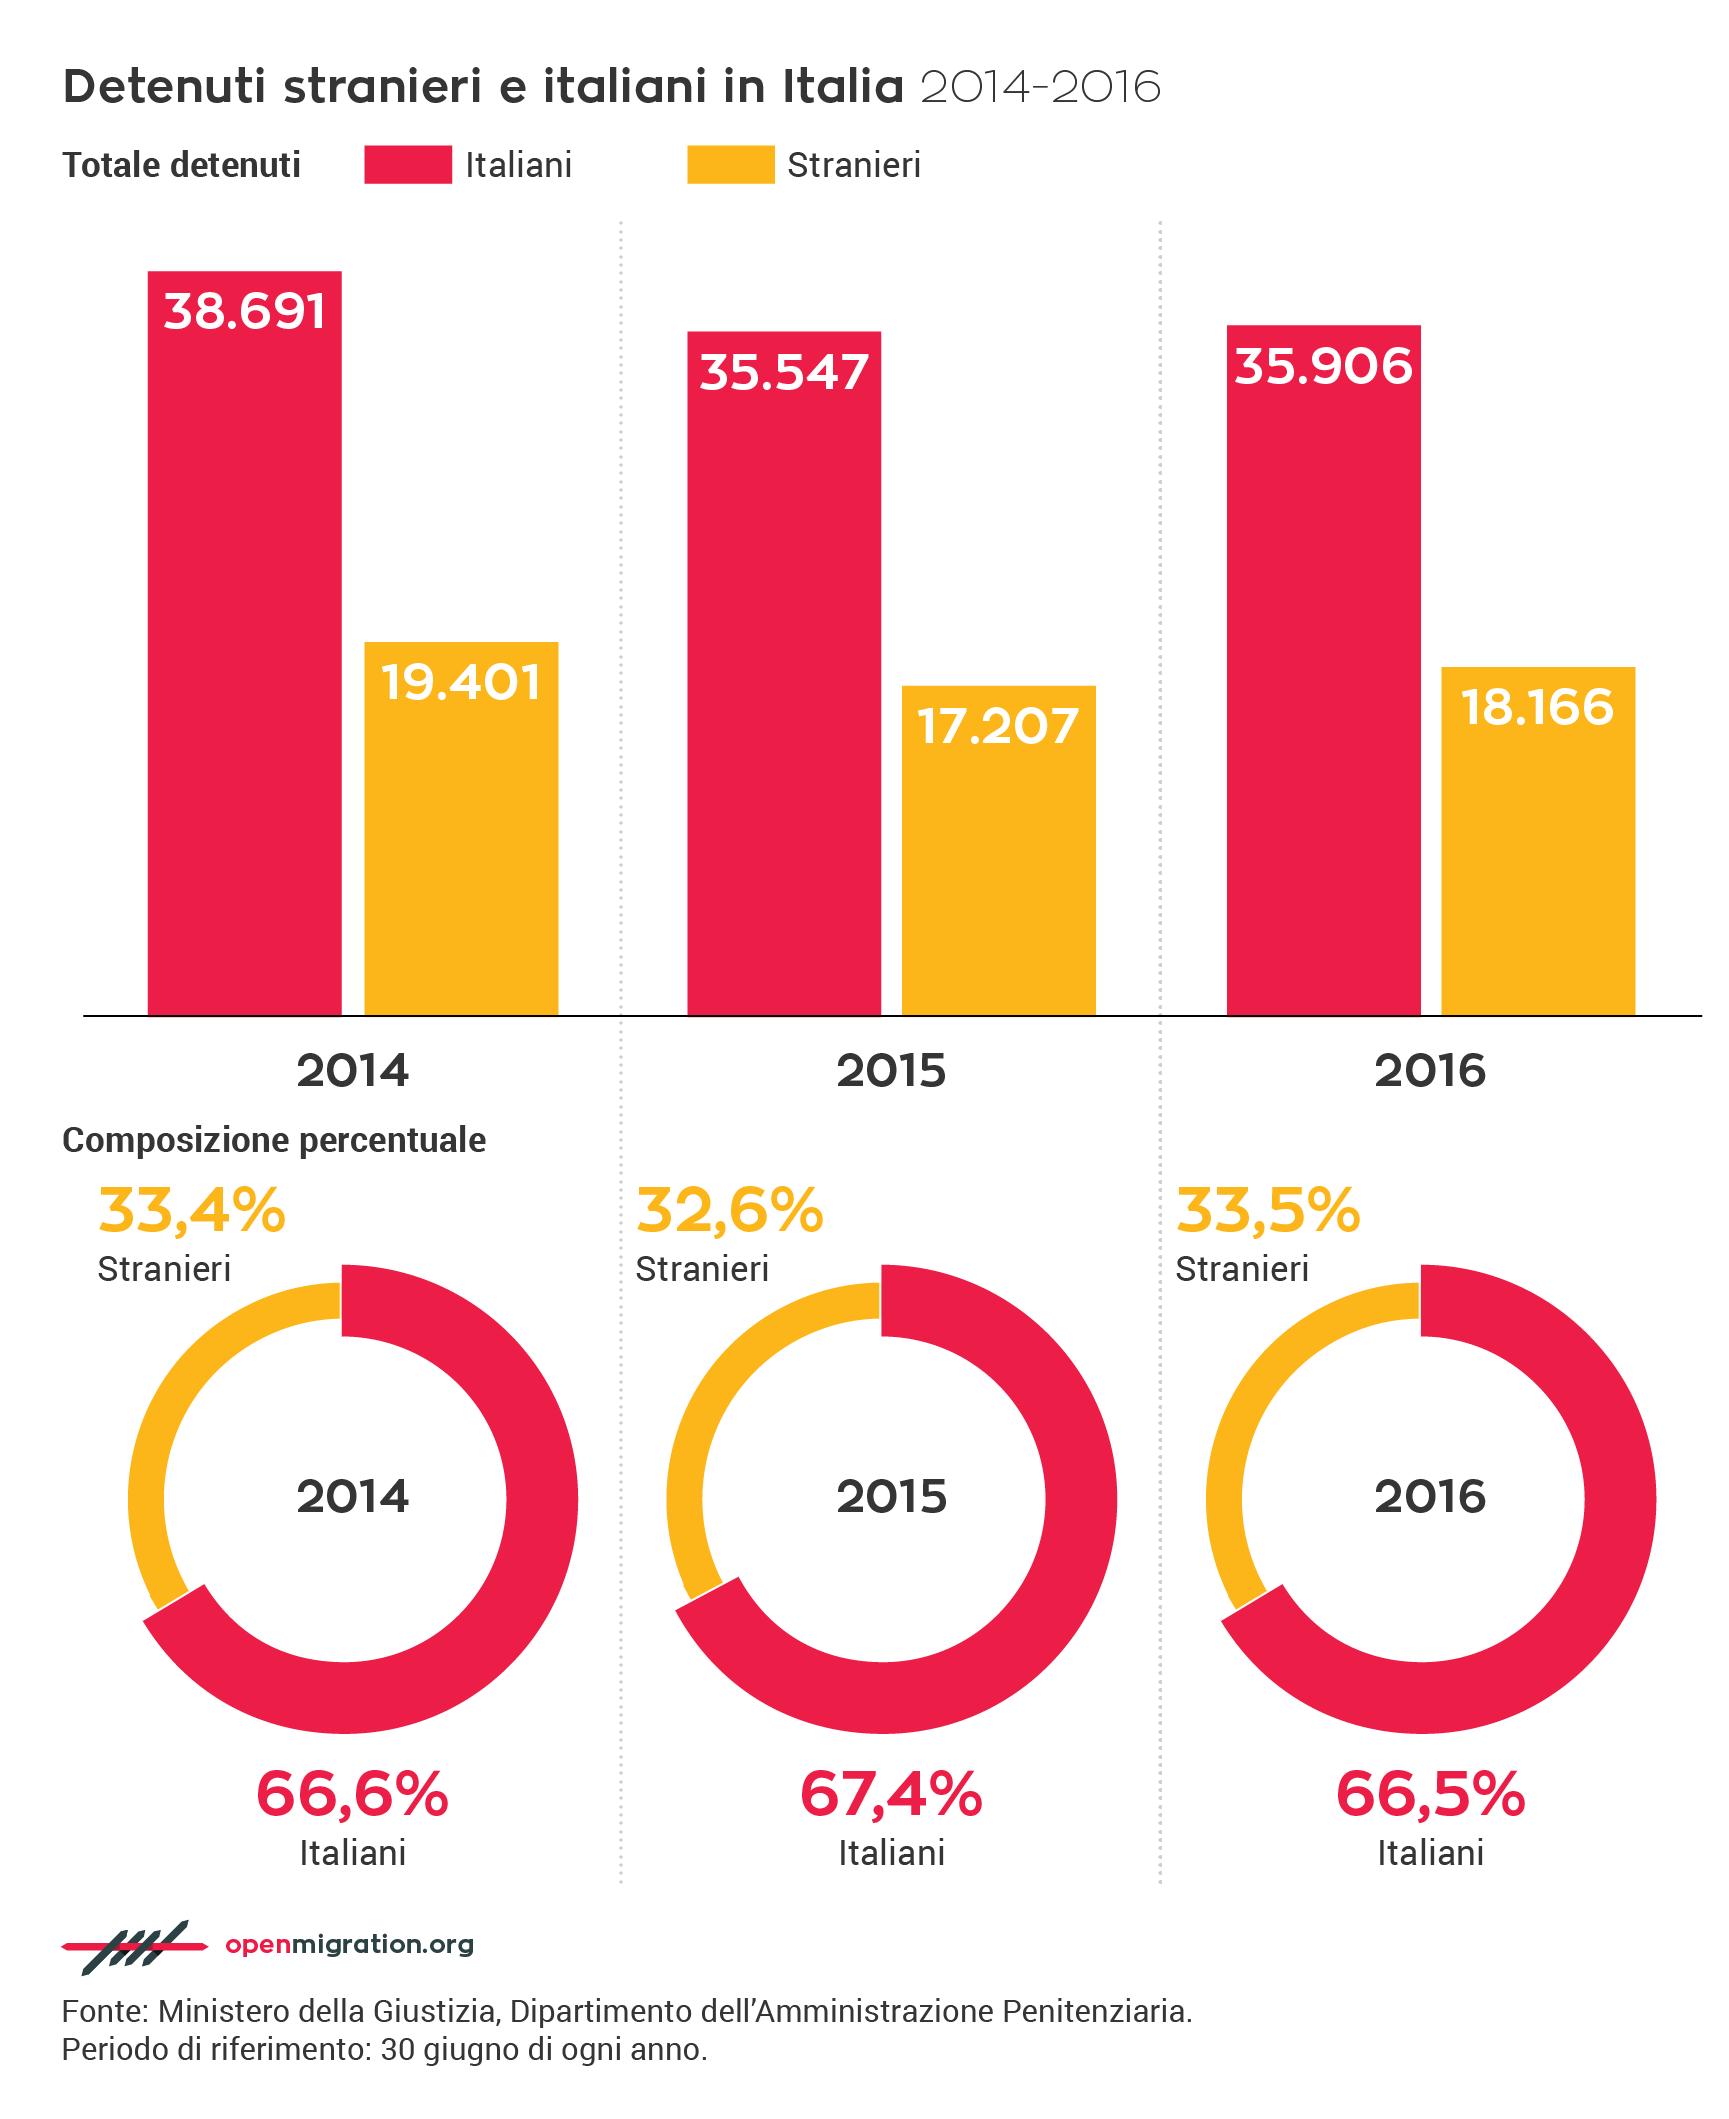 Detenuti italiani e stranieri, 2014-2016